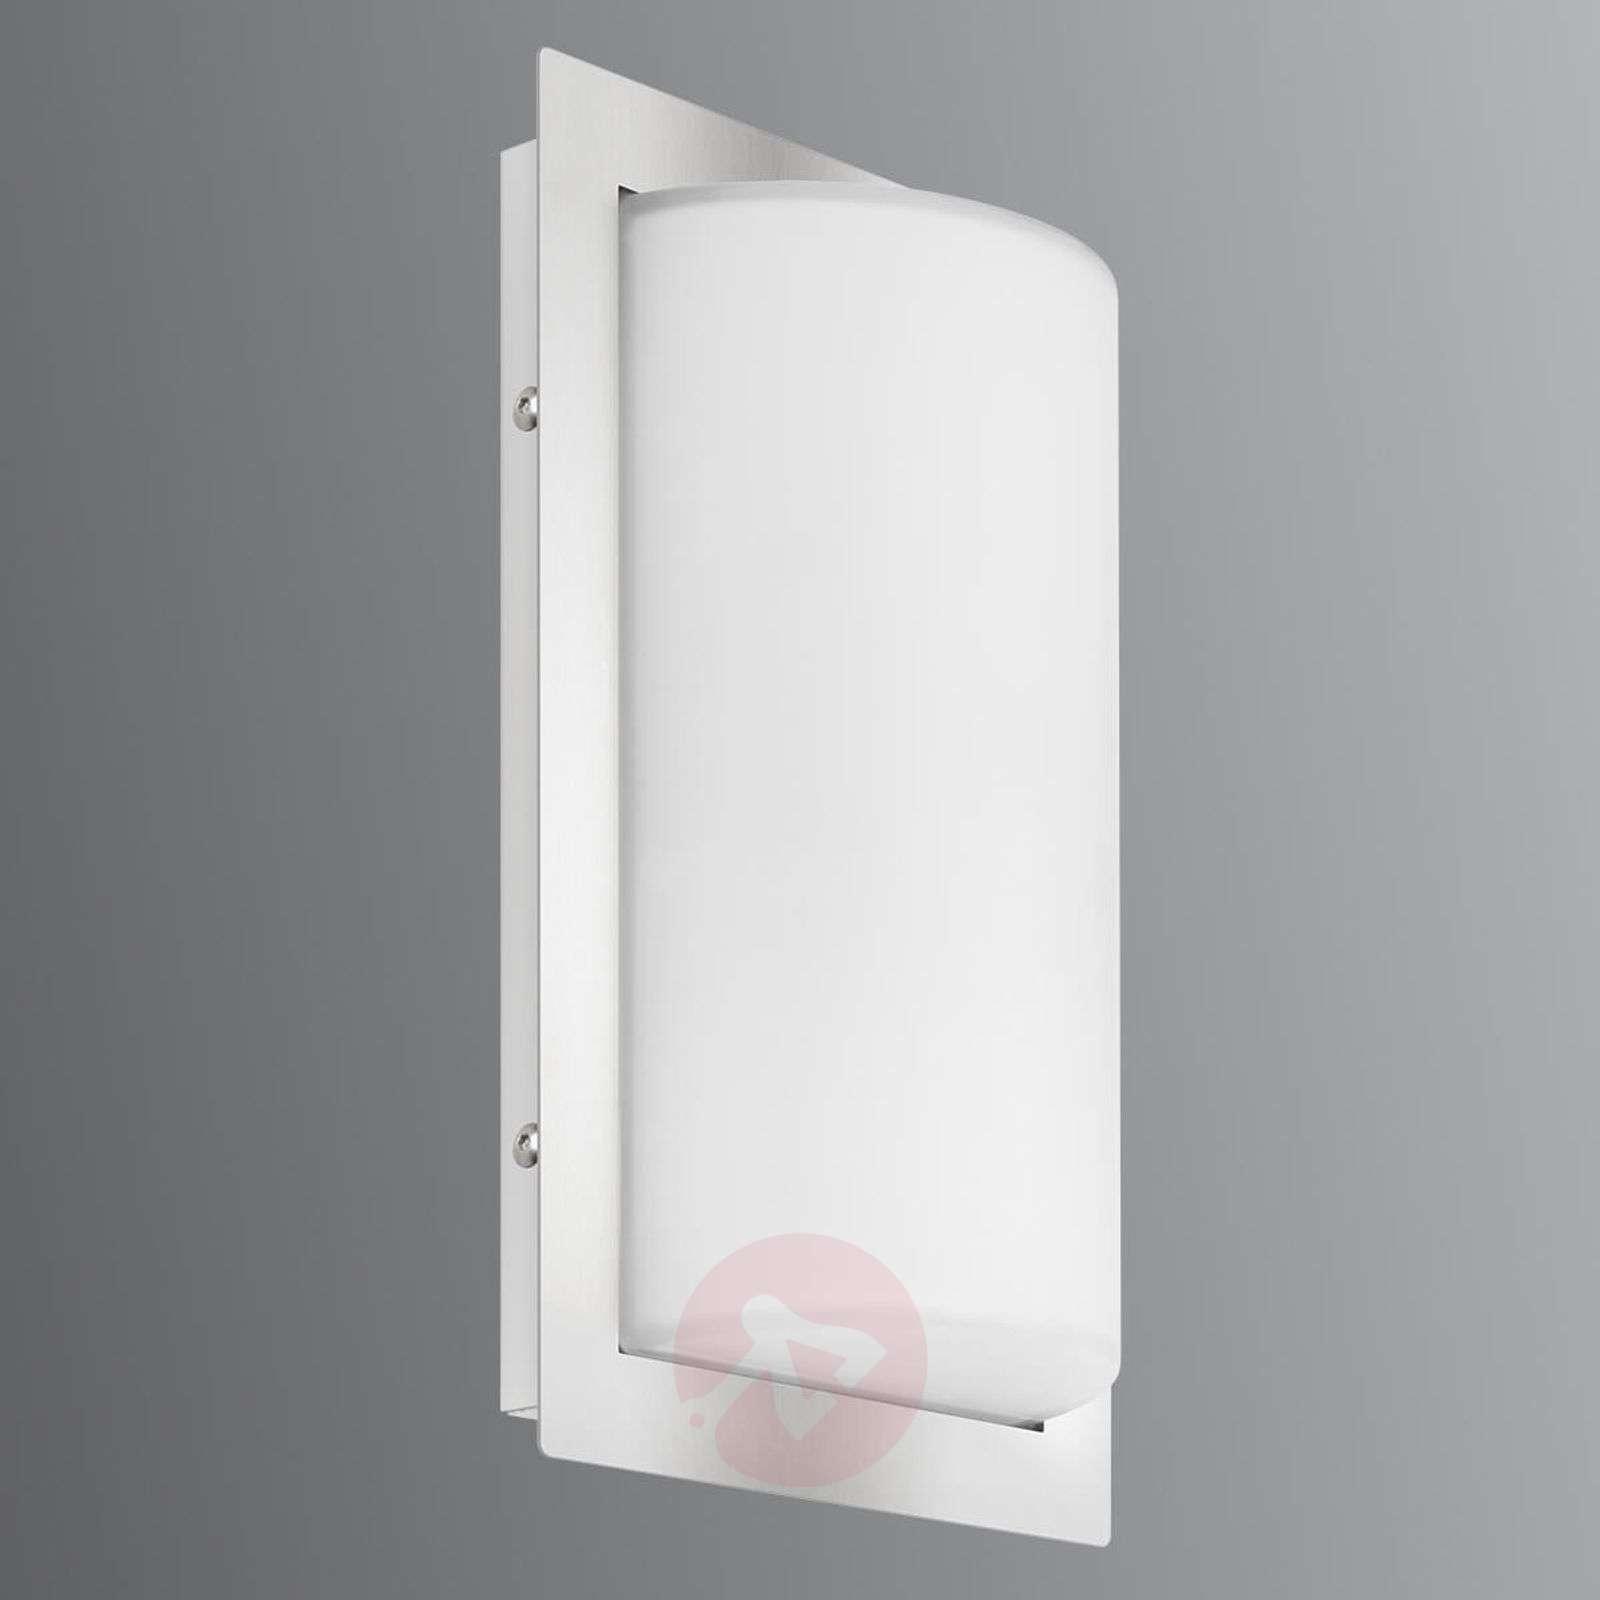 Modern sensor outdoor wall light Luis-6068106-03